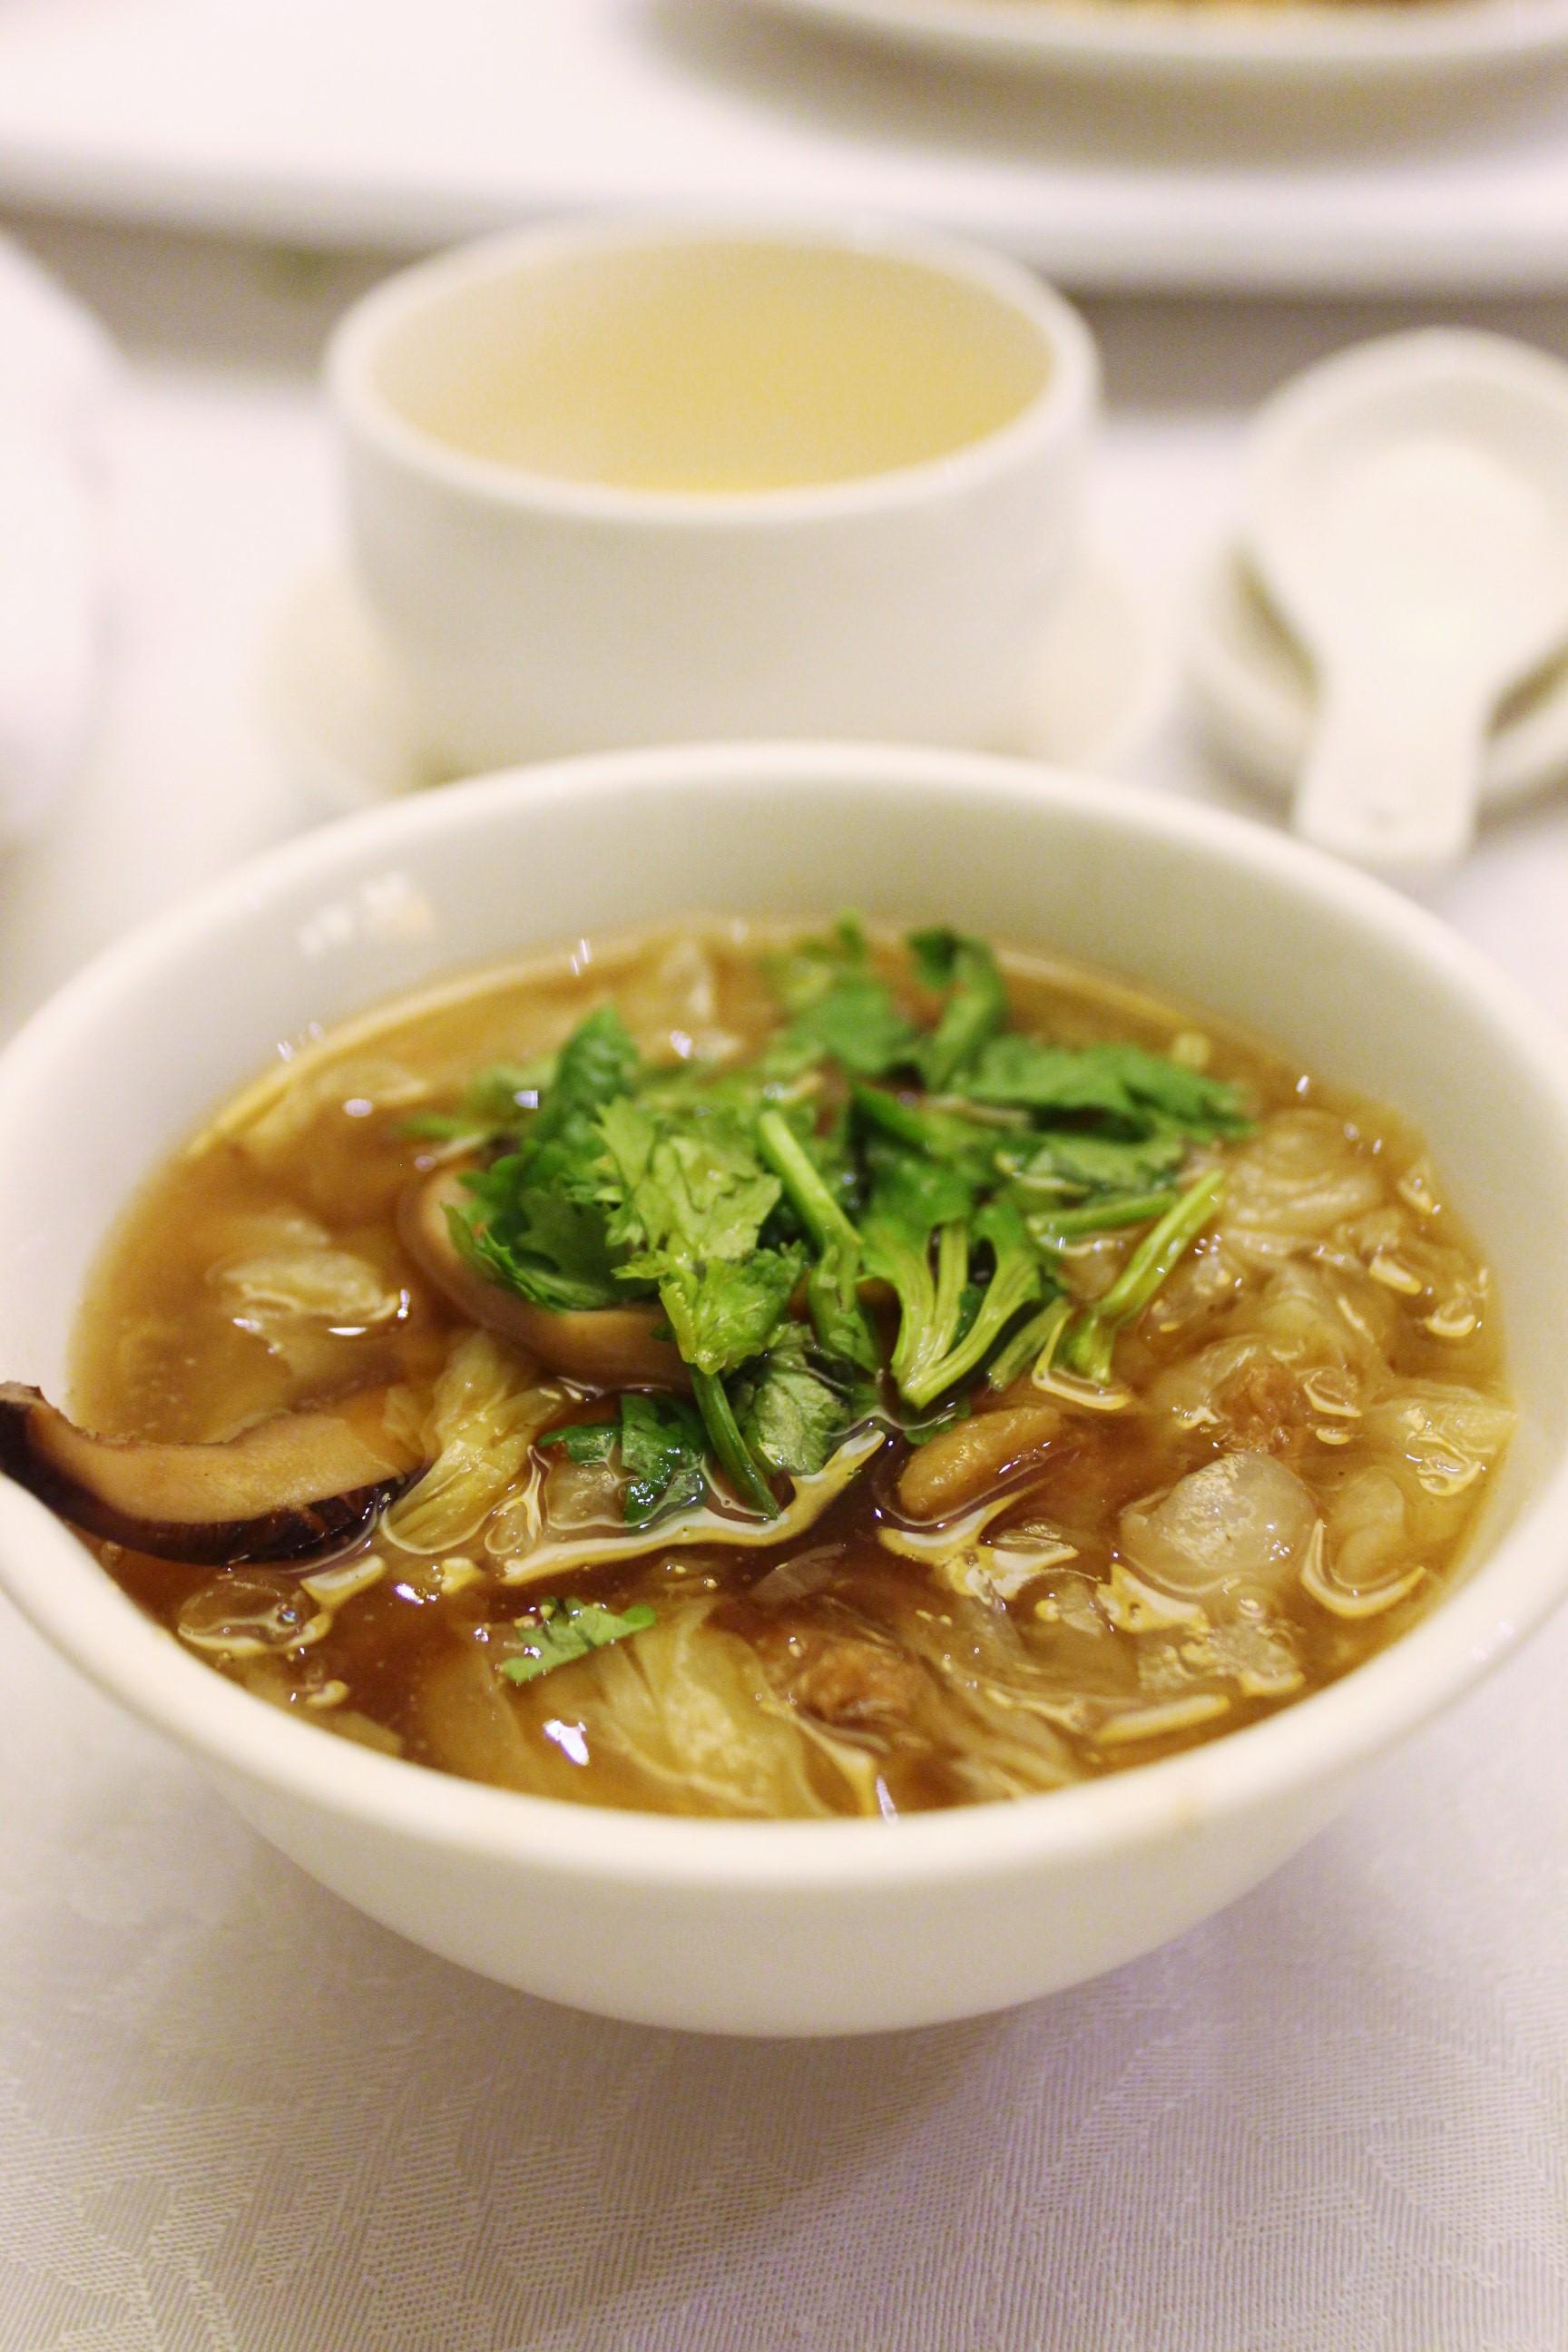 Shark Fin Hotpot 魚翅鍋 at 欣葉 in Taiwan